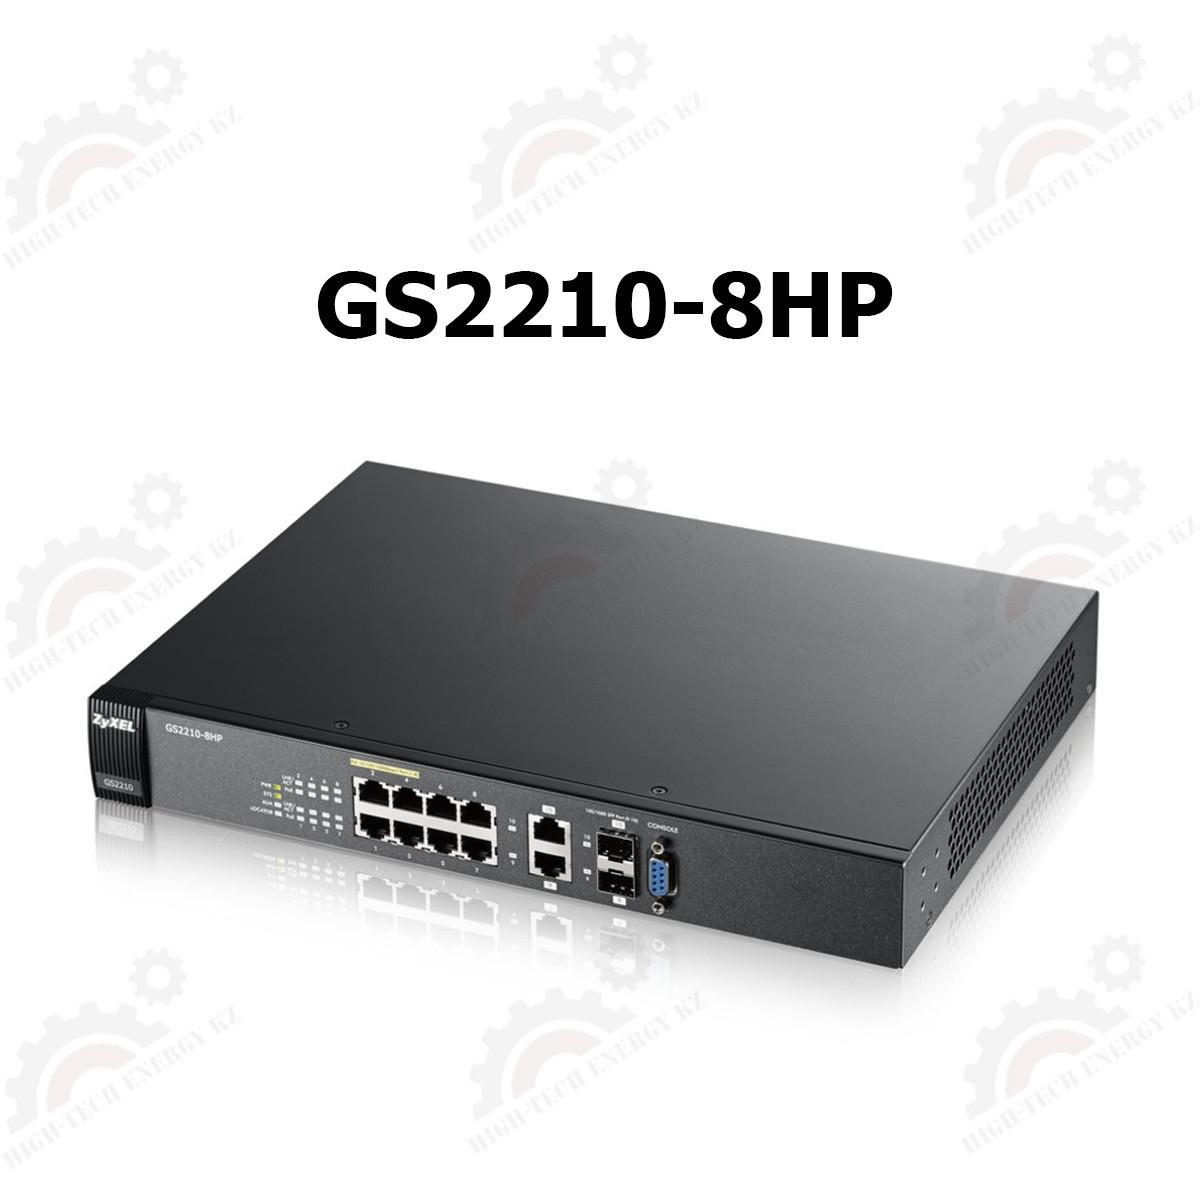 L2 коммутатор PoE+ ZYXEL GS2210-8HP